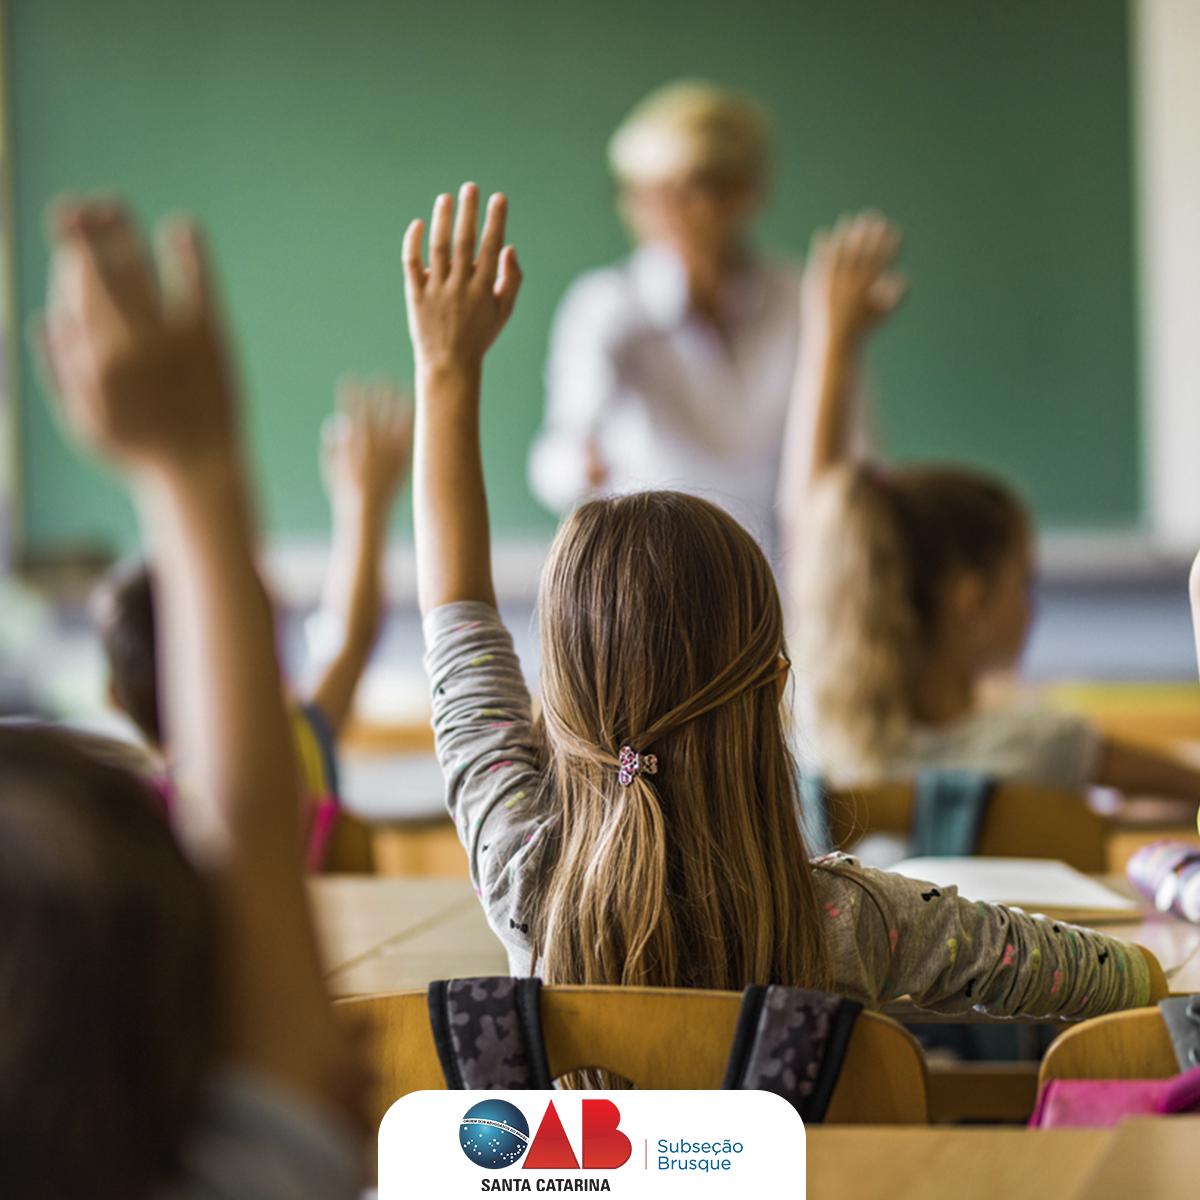 OAB de Brusque se manifesta sobre o pagamento das mensalidades escolares diante da suspensão das atividades em virtude do Coronavírus